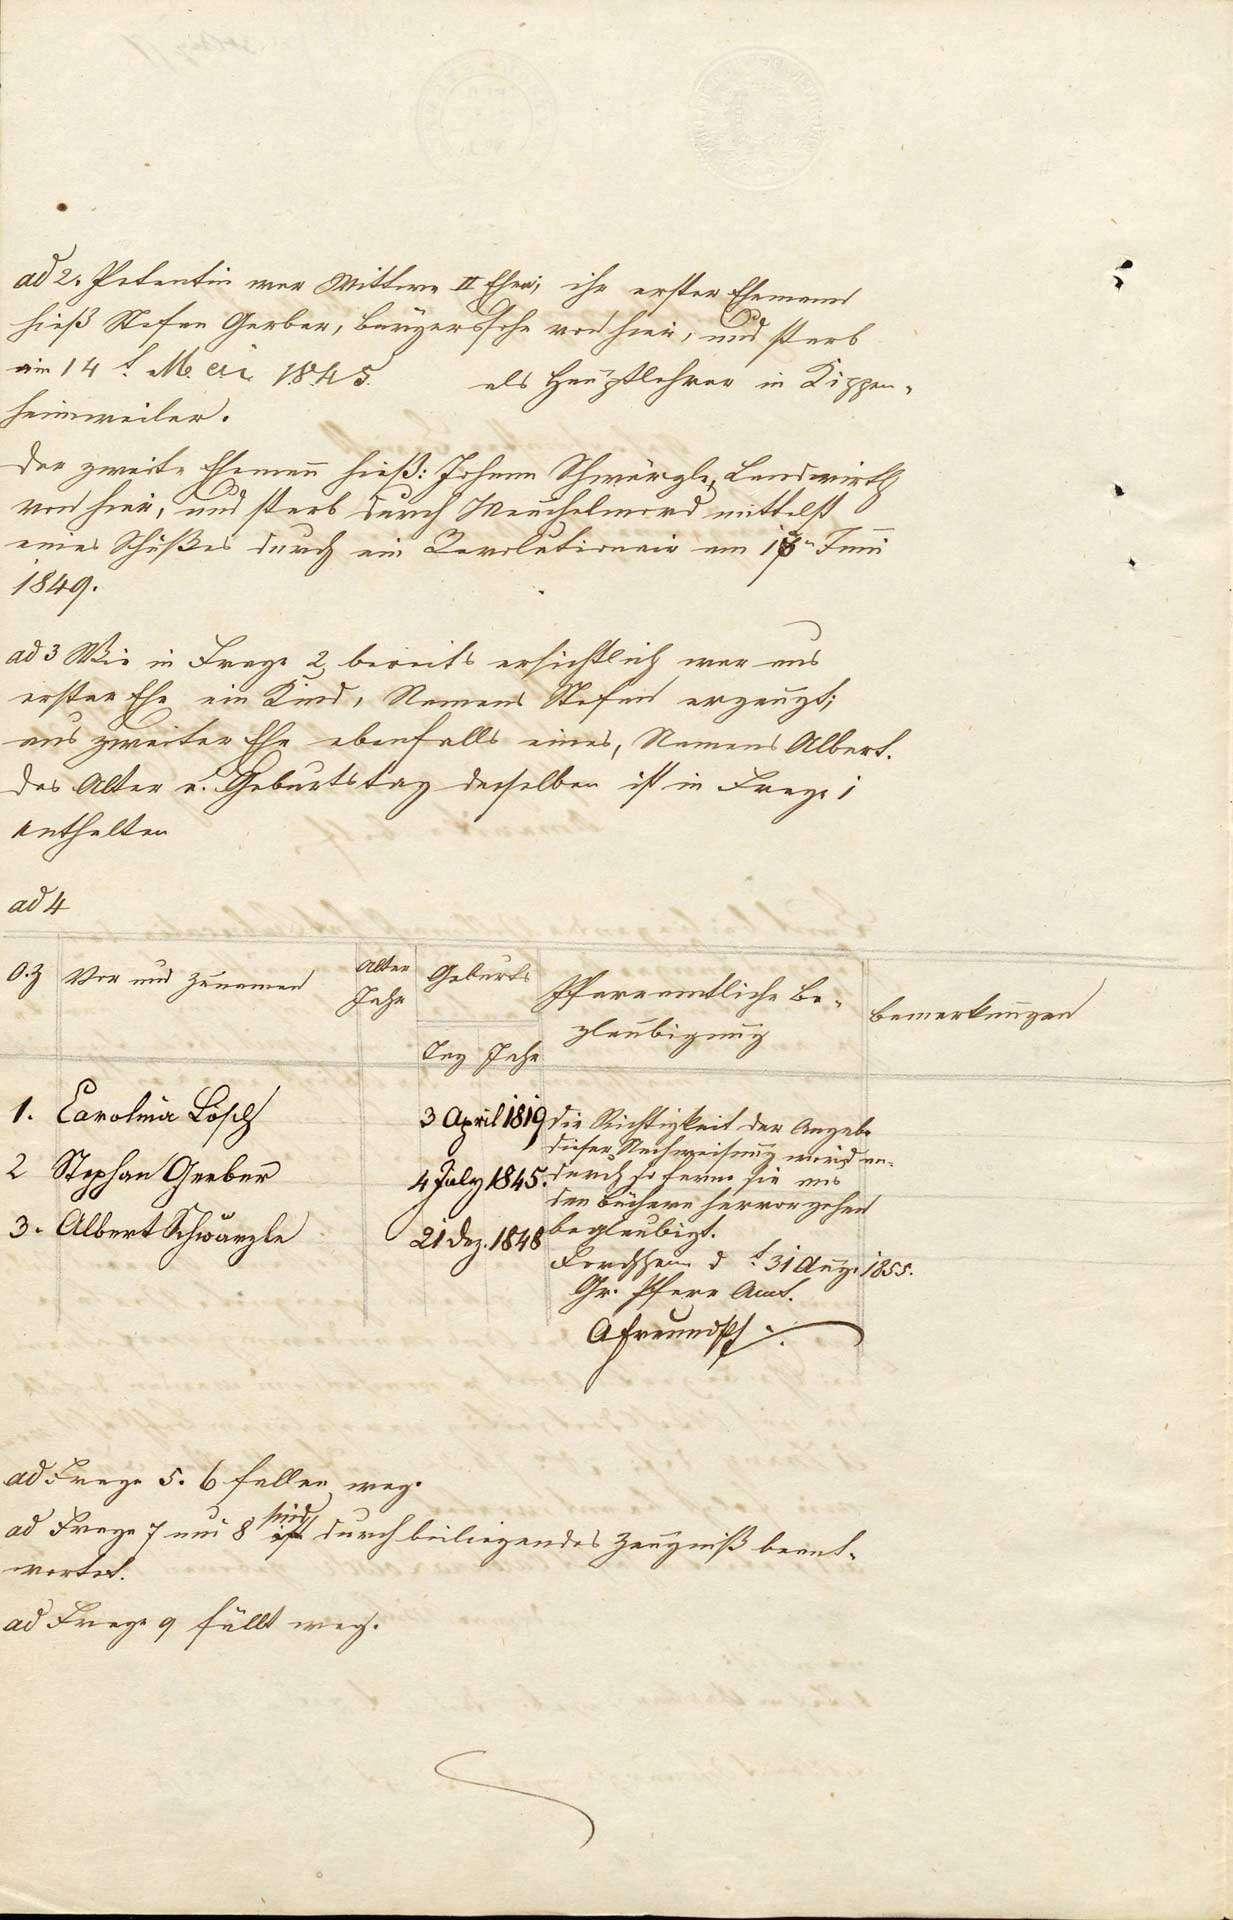 Auswanderung: Karolina Schwärzle, Forchheim, nach Nordamerika Stefan Gerber, Forchheim Albert Schwärzle, Forchheim, Bild 2